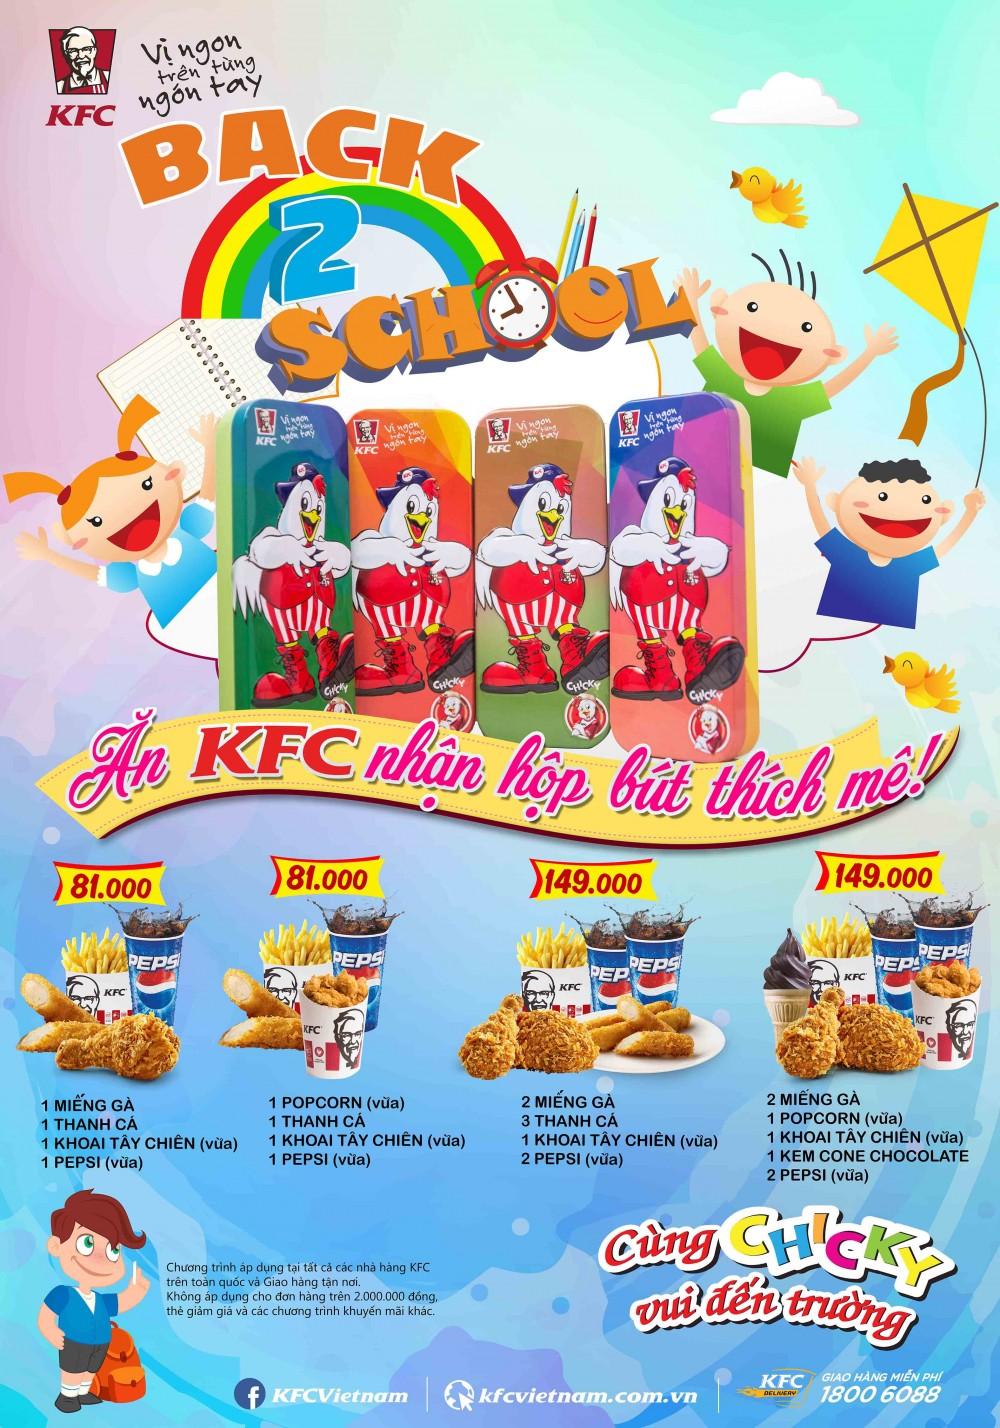 Ăn KFC nhận hộp bút thích mê!!!